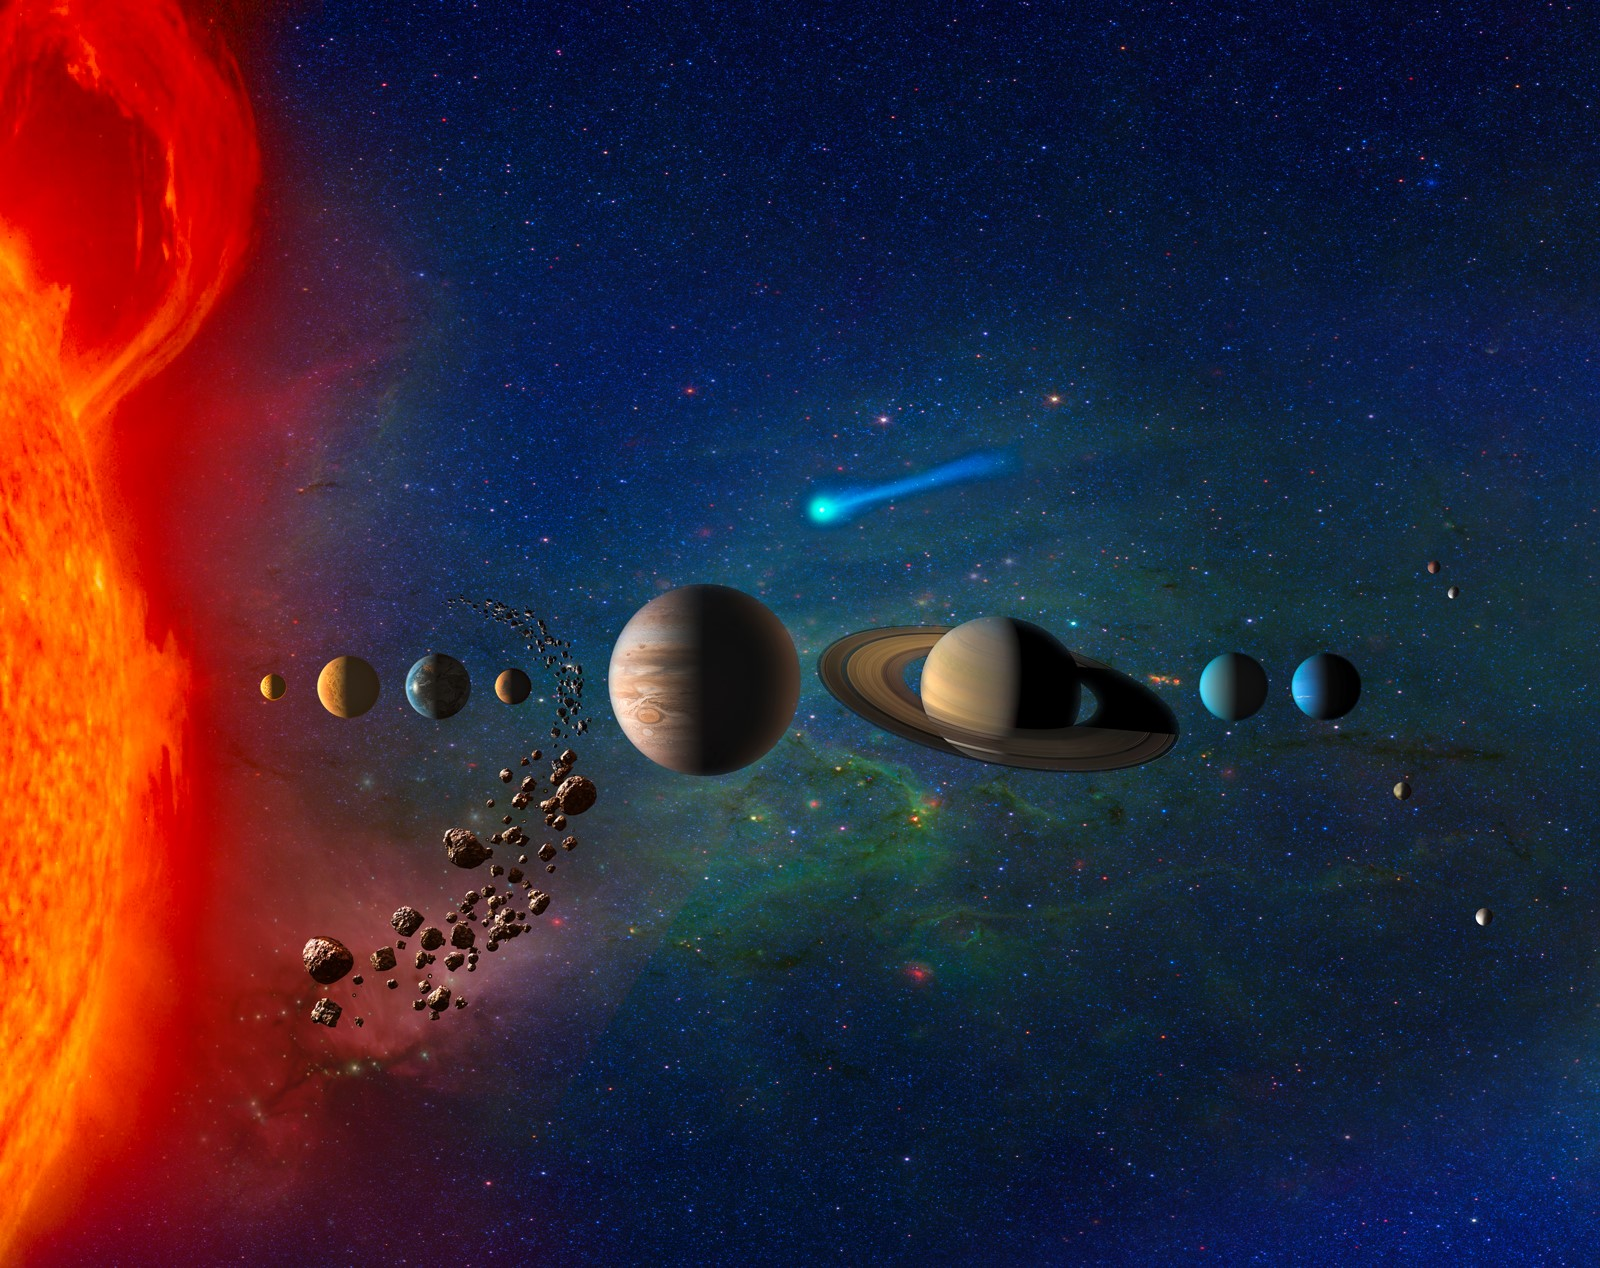 태양계는 가장 큰 태양과 다양한 크기의 크고 작은 행성으로 구성돼 있다. NASA